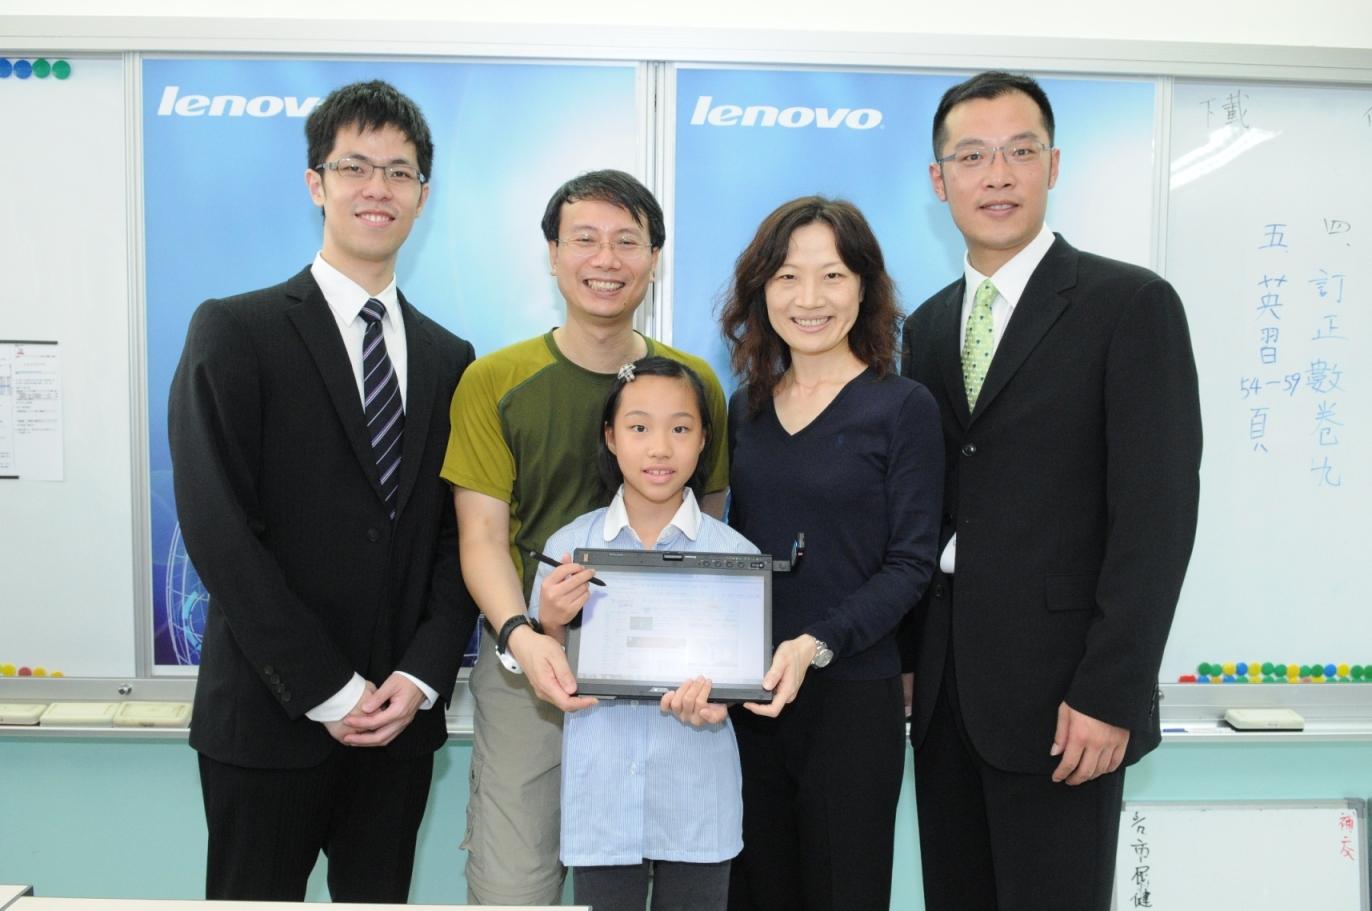 「我們e起上學去」 Lenovo ThinkPad X200t化身小小伴書僮